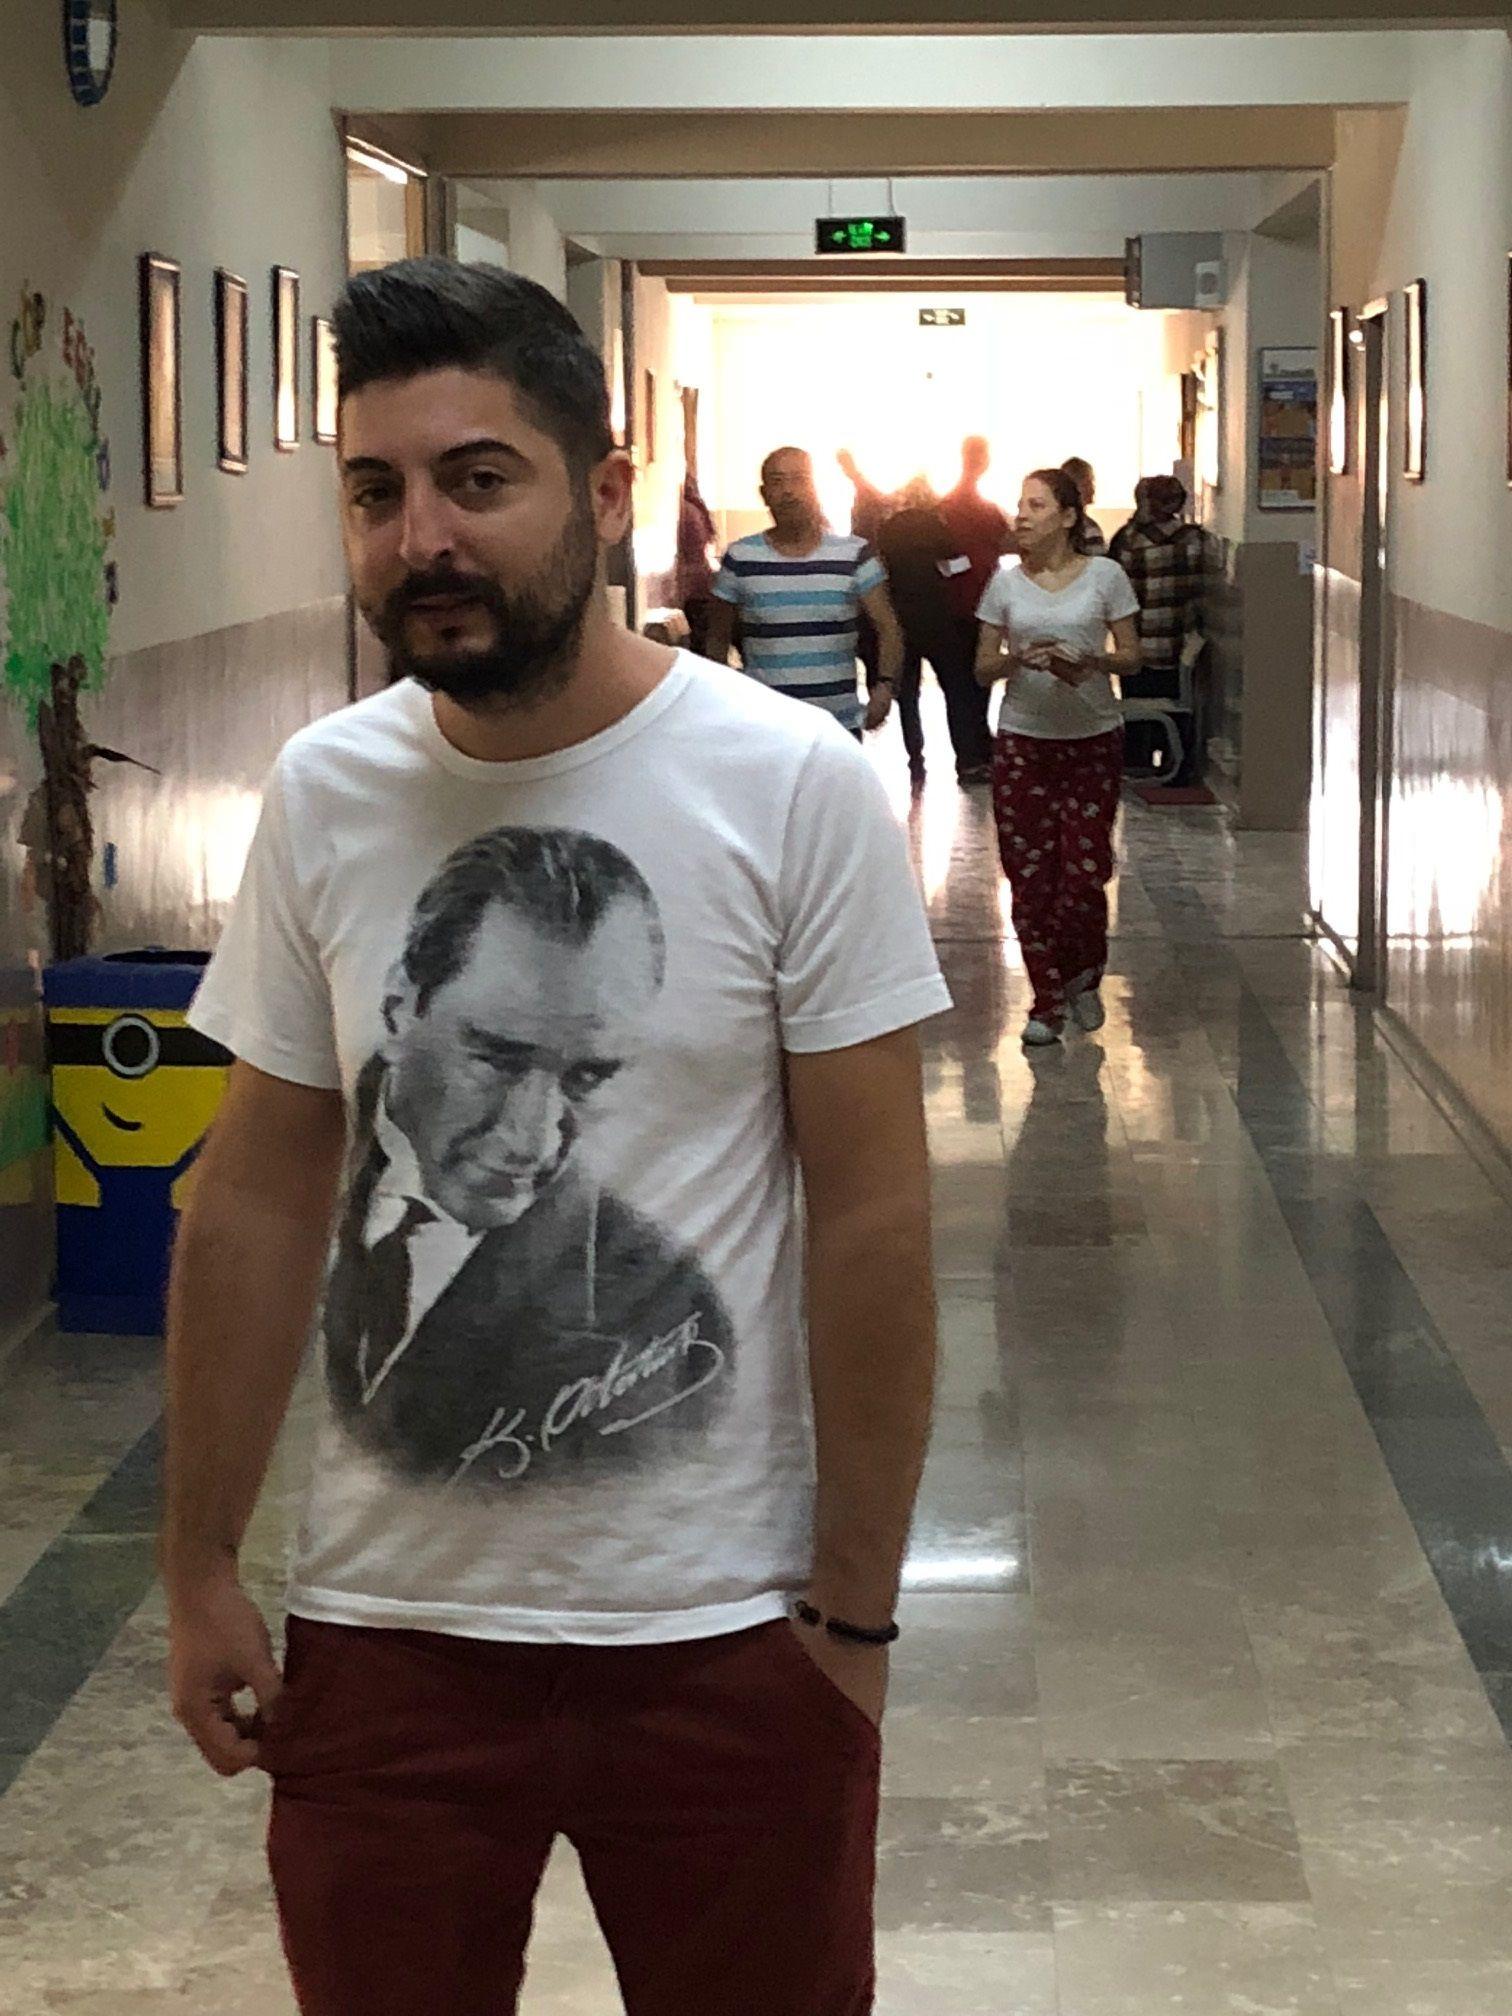 OBSERVATØR I IZMIR: Norsktyrkeren Baris Yacan har reist til Izmir i Tyrkia for å observere valget på vegne av opposisjonspartiet CHP.